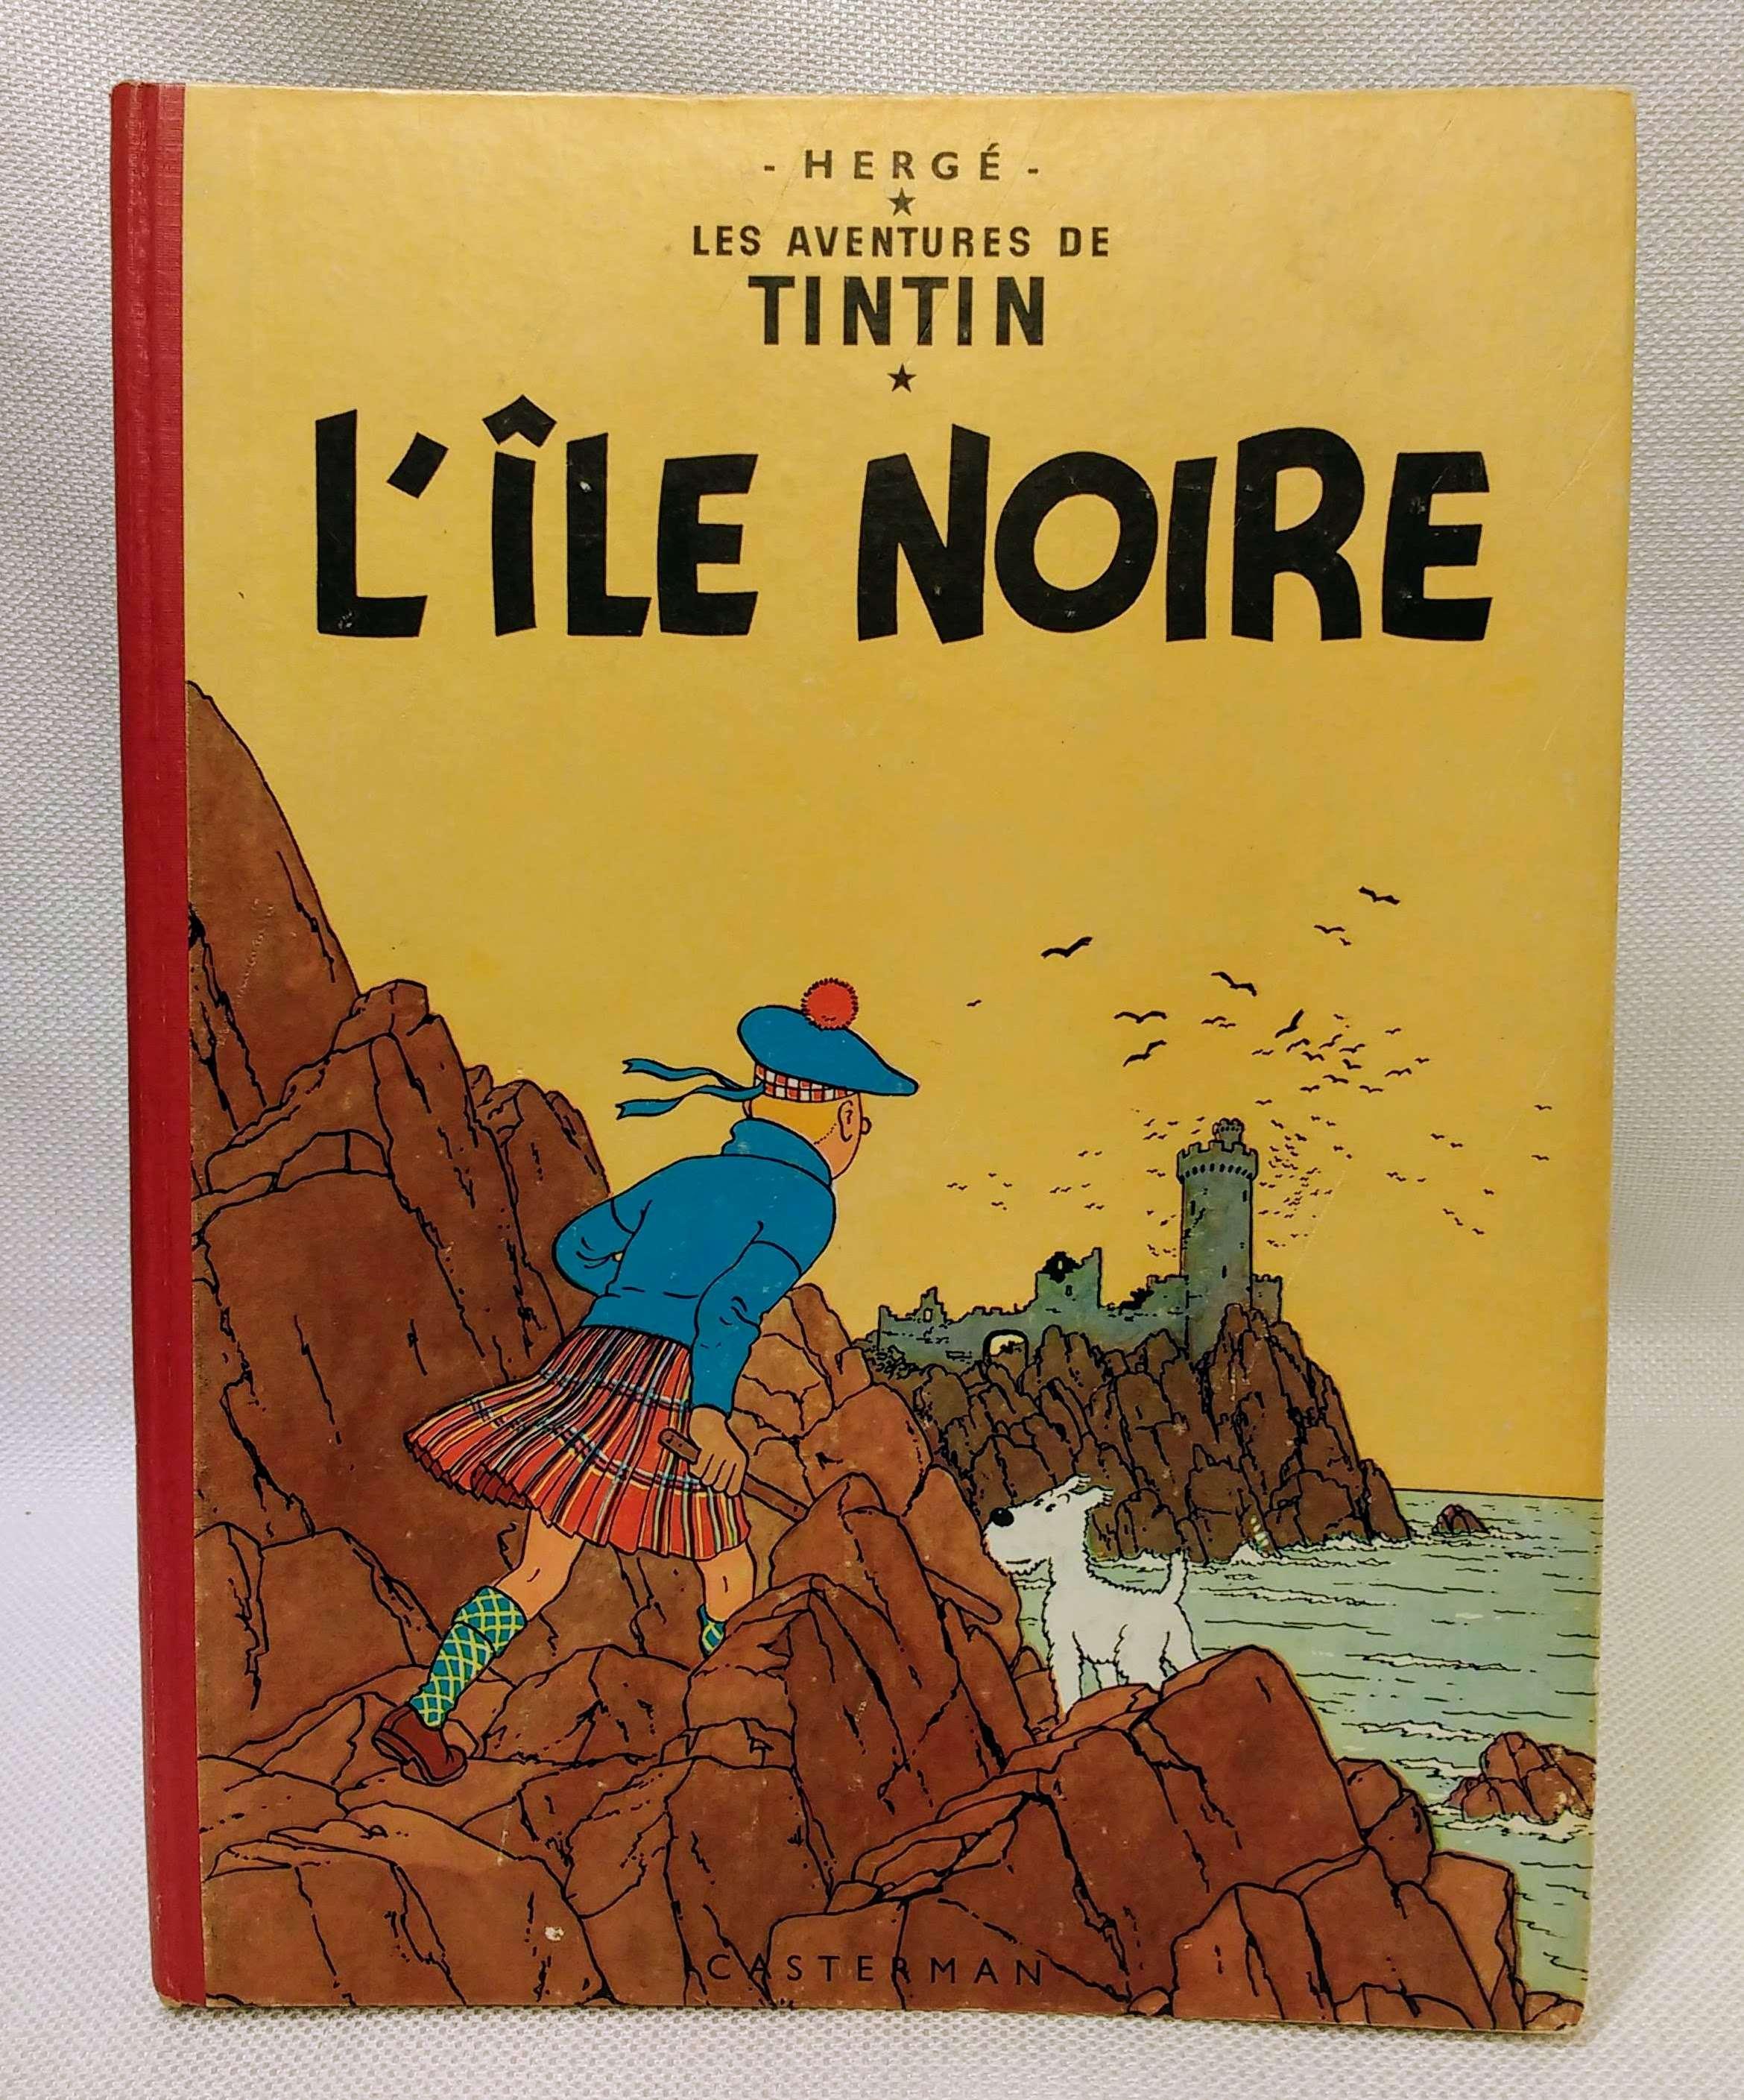 L'ile Noire: Les Adventures De Tintin, Herge